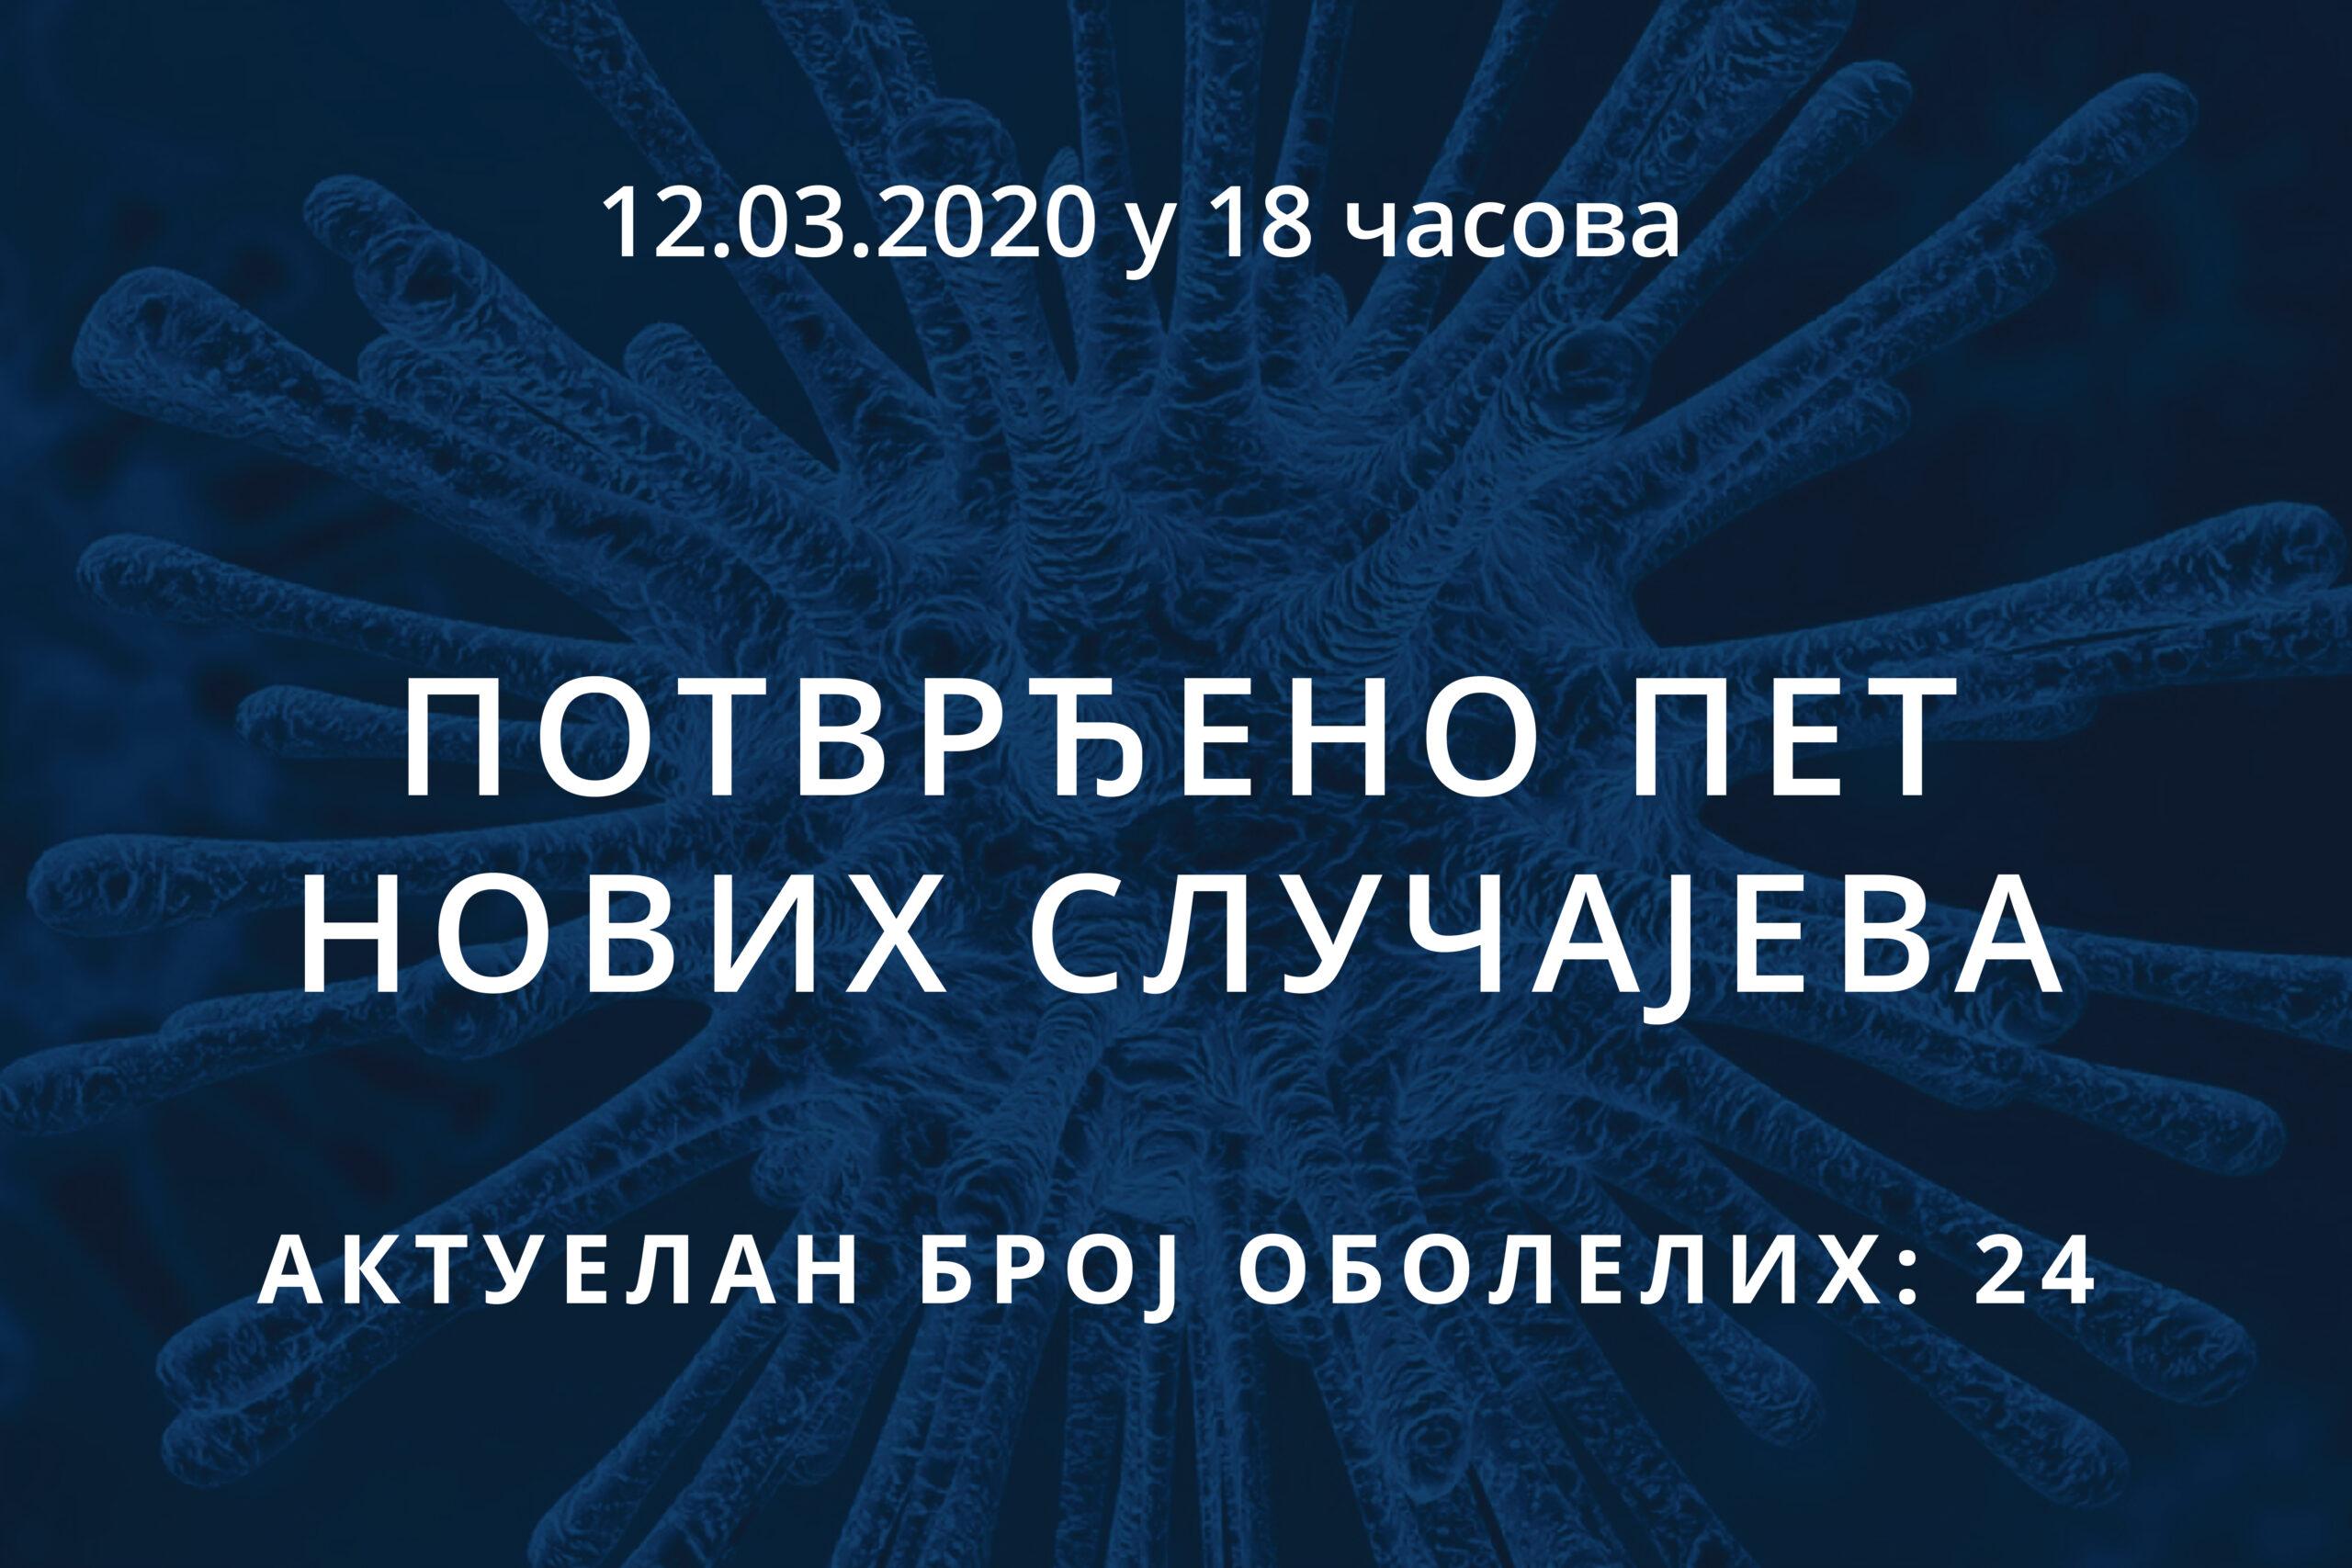 Информације о корона вирусу COVID-19, 12.03.2020 у 18 часова